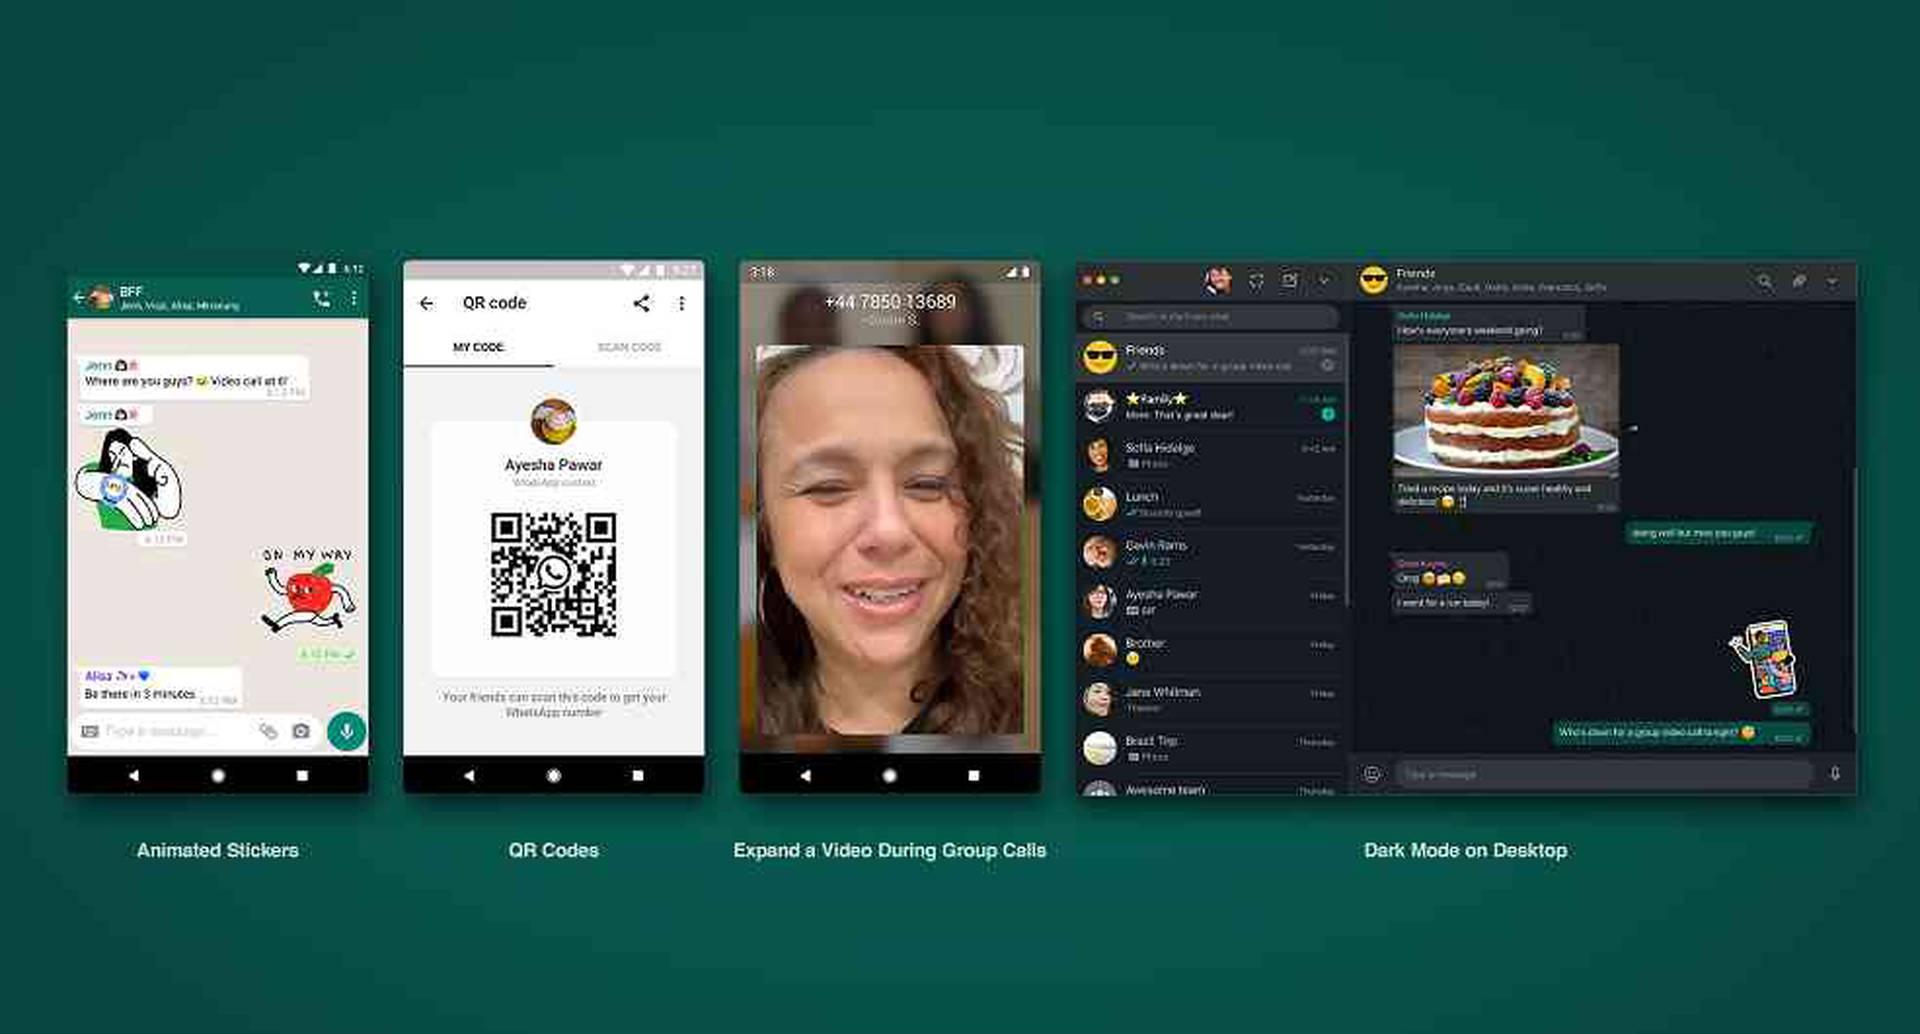 WhatsApp Web: aprenda a activar el modo oscuro | Noticias hoy Colombia